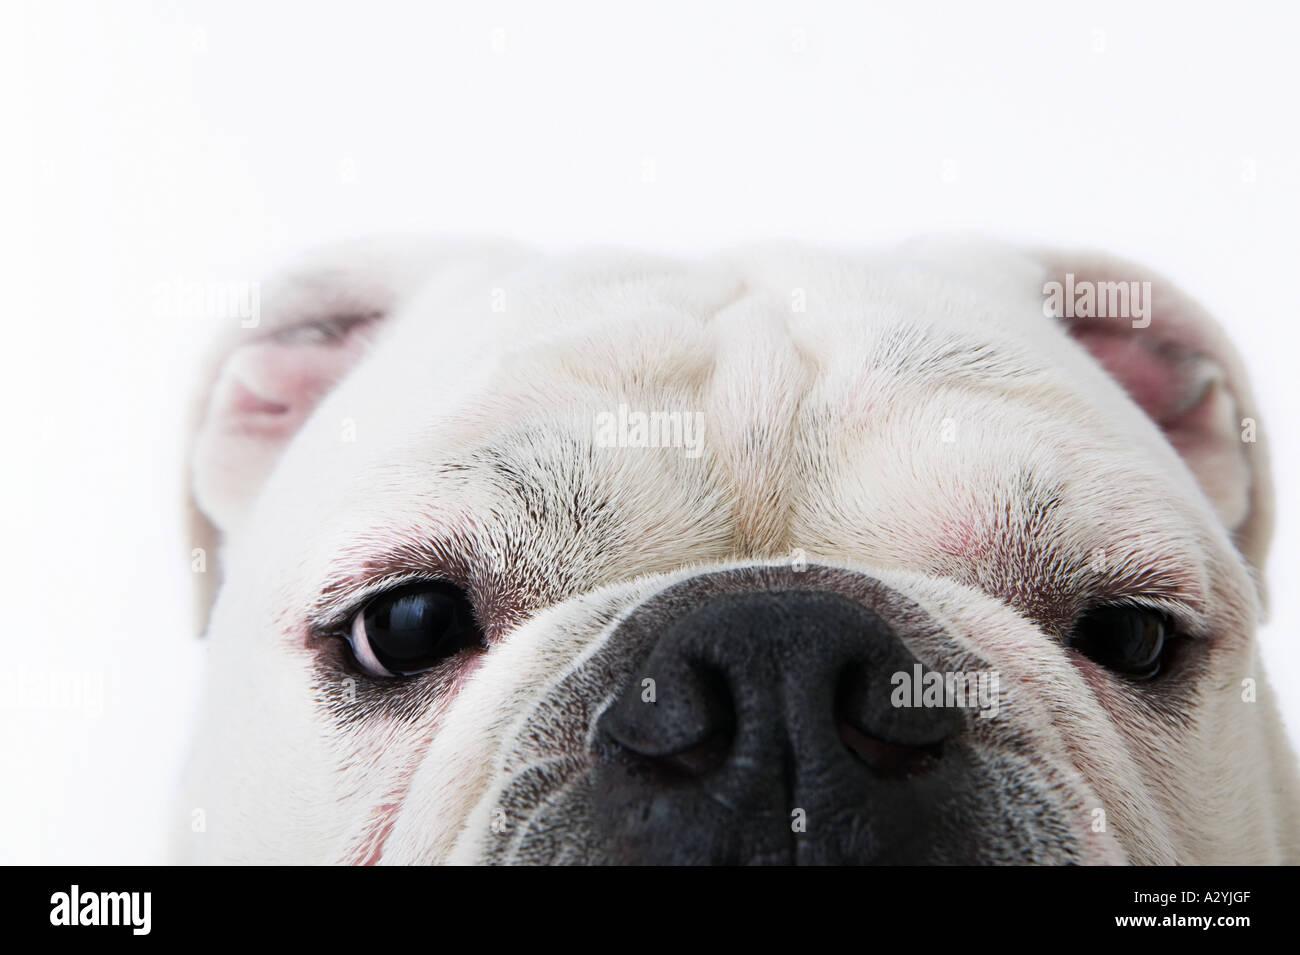 Face of a bulldog - Stock Image